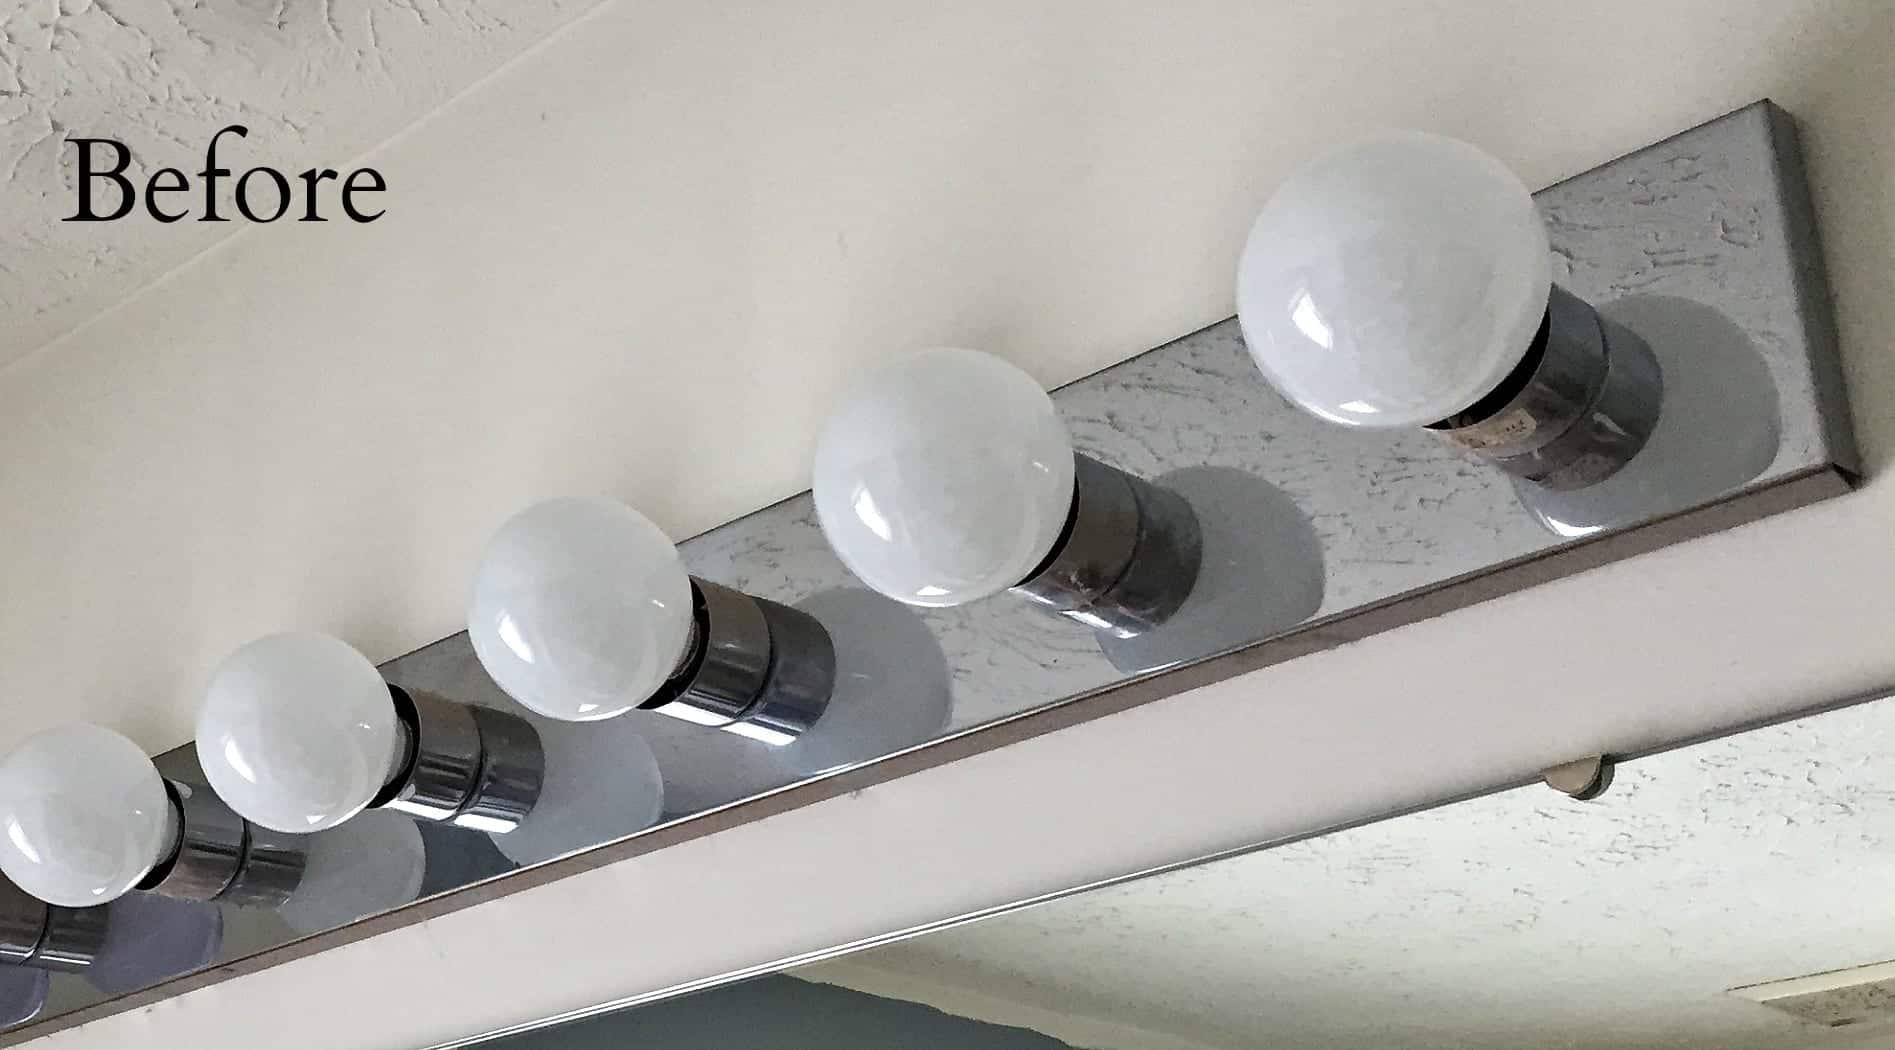 Bathroom Lighting Fixtures Toronto Bathroom Design Replacing Bathroom Light  Fixture Uk Alexsullivanfund Diy Light Fixture Snazzy